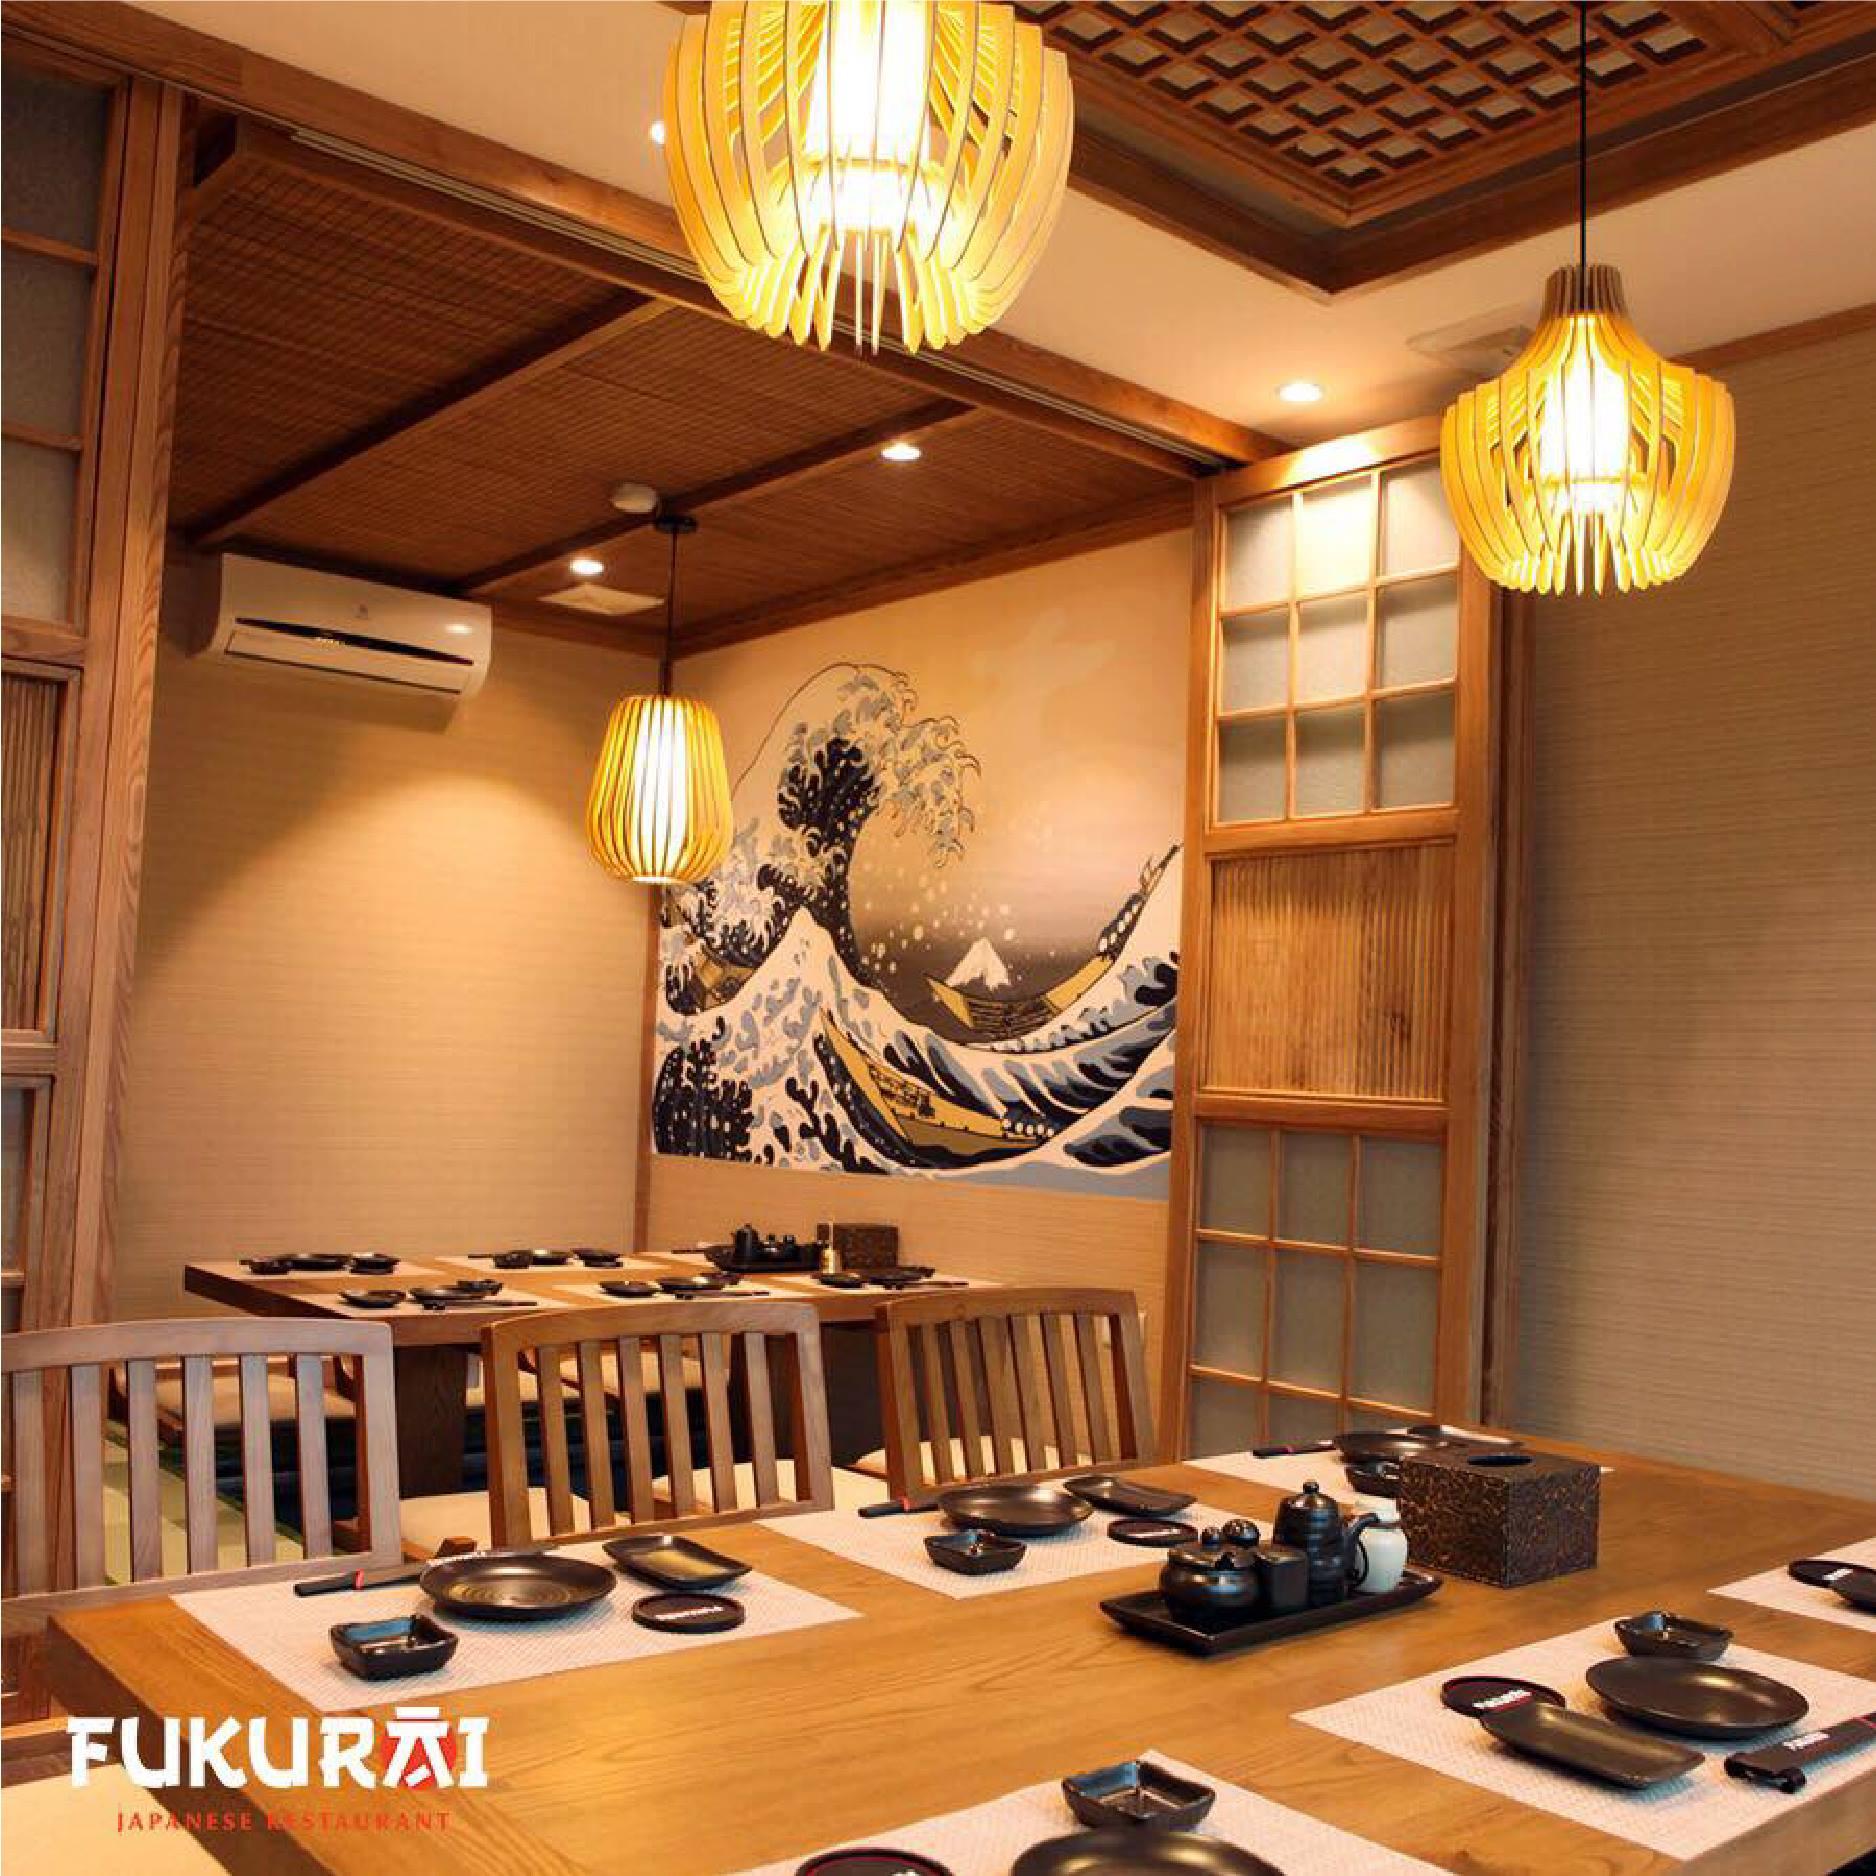 ハノイの日本食店「福来(FUKURAI)」予約限定10%割引!